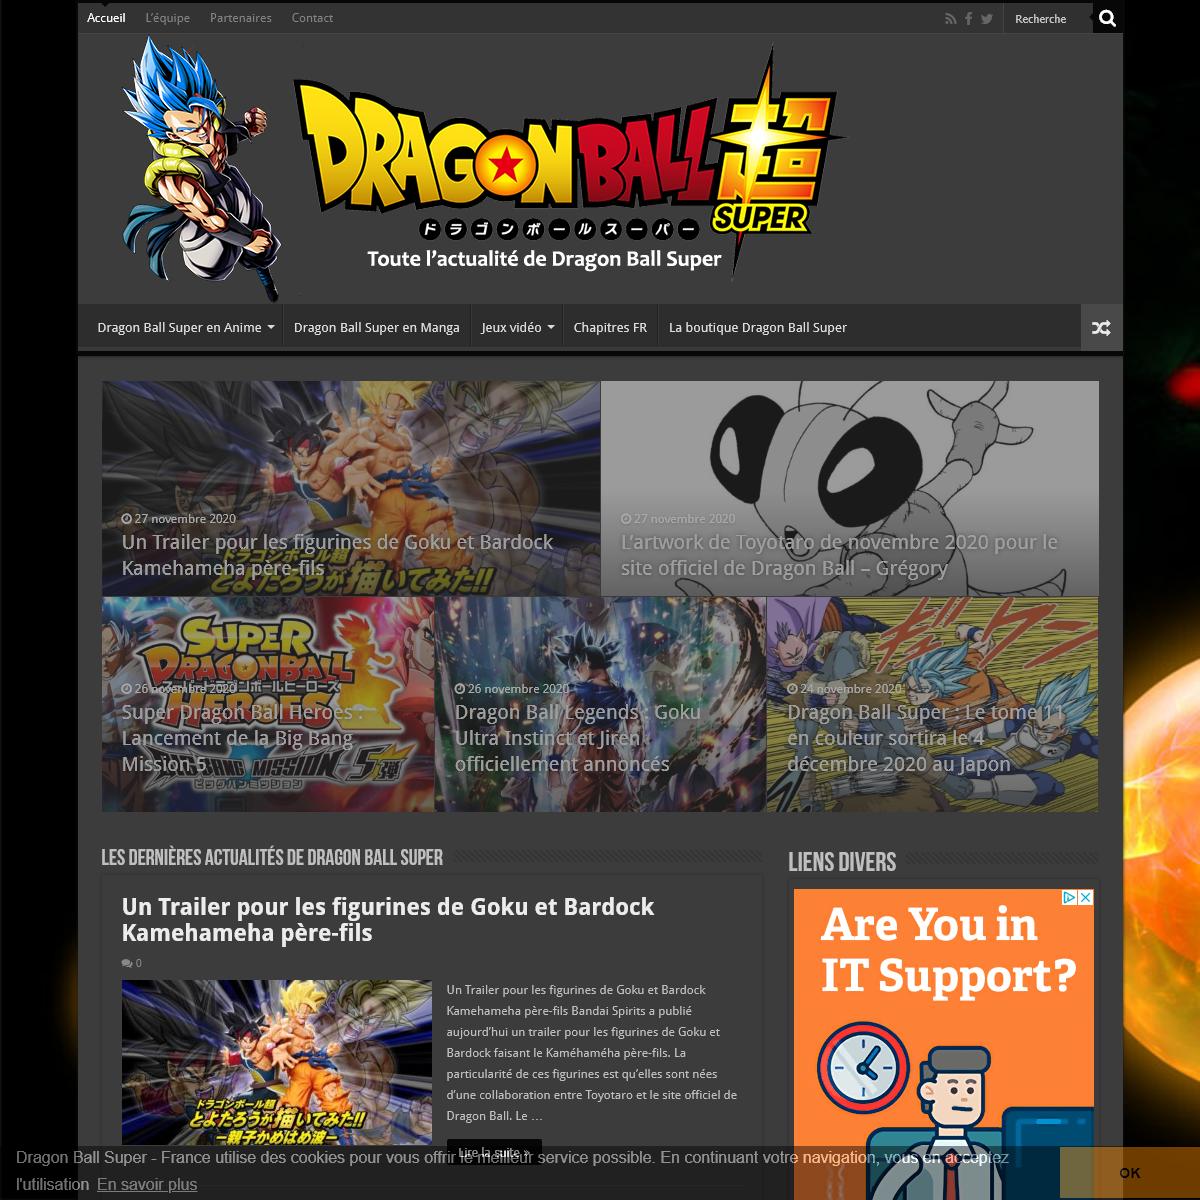 L`actualité de Dragon Ball Super - Dragon Ball Super - France